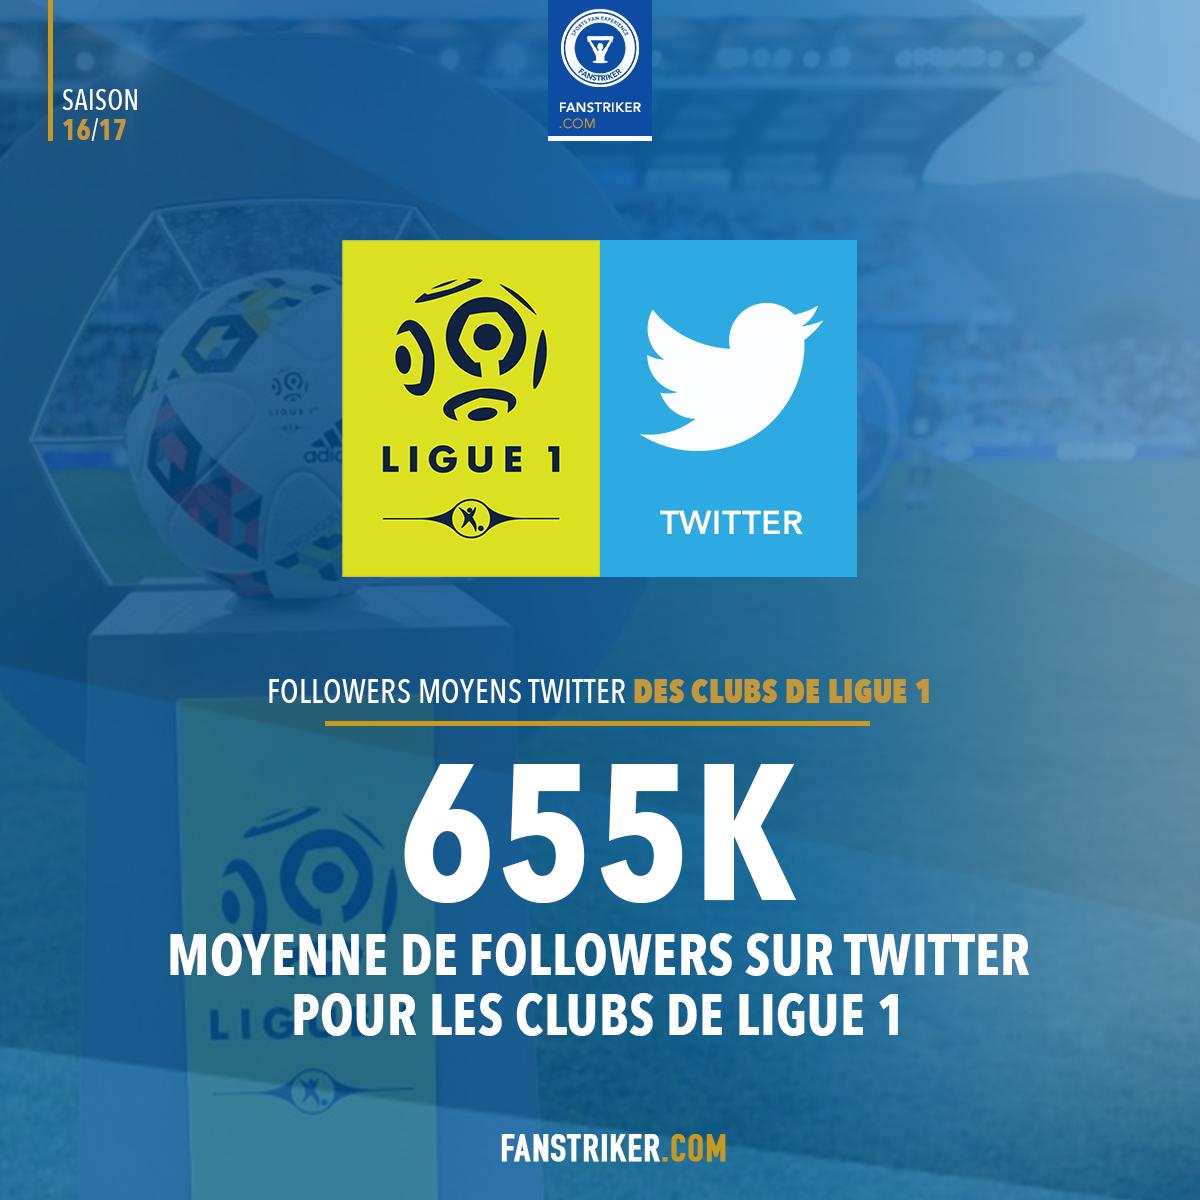 Le nombre moyen de la Ligue 1 sur Twitter